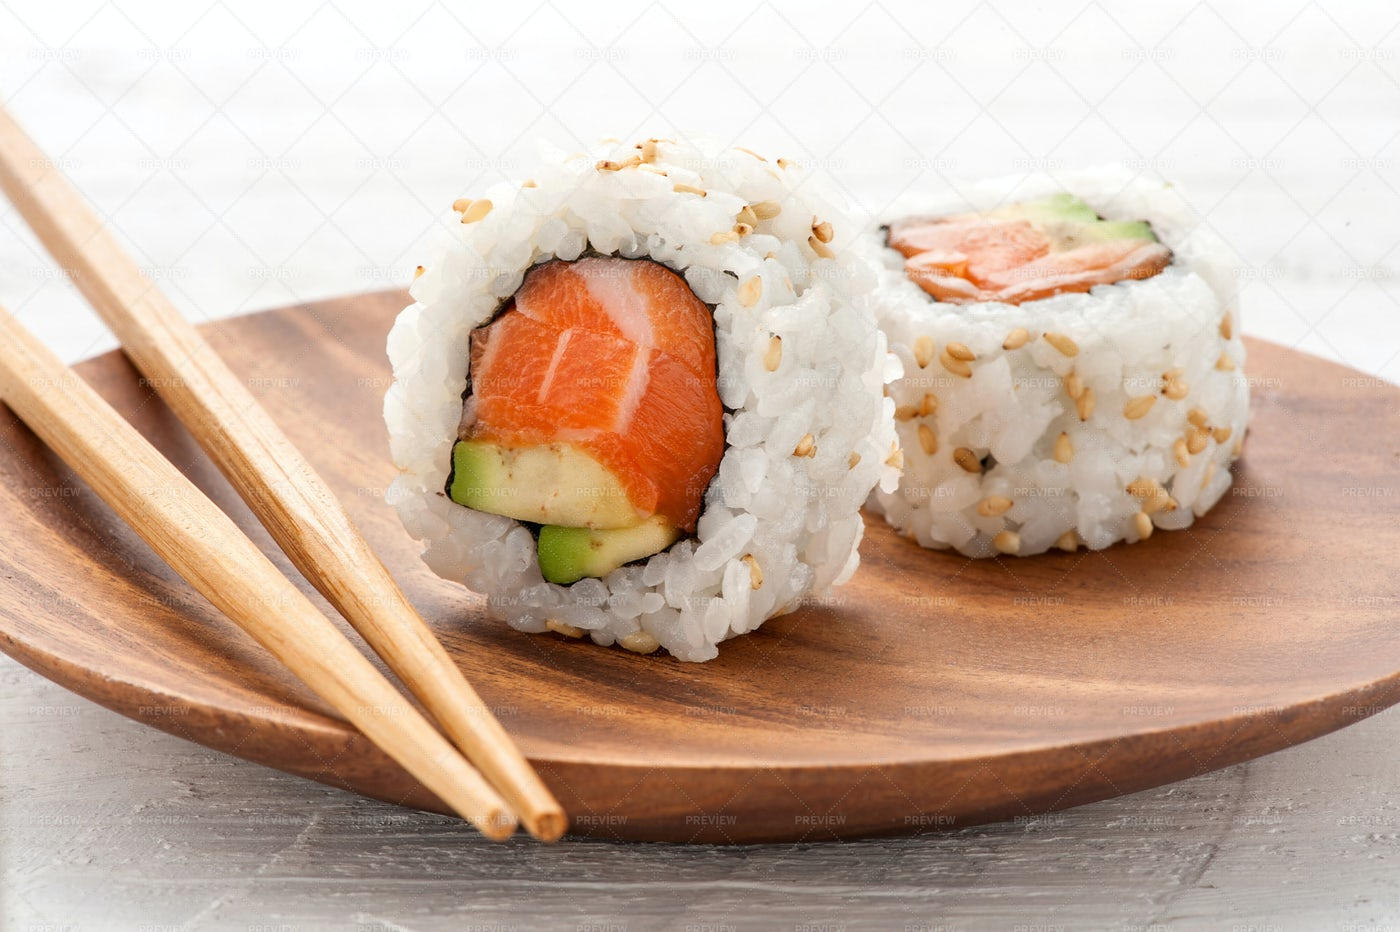 Two Fresh Salmon And Avocado Sushi: Stock Photos